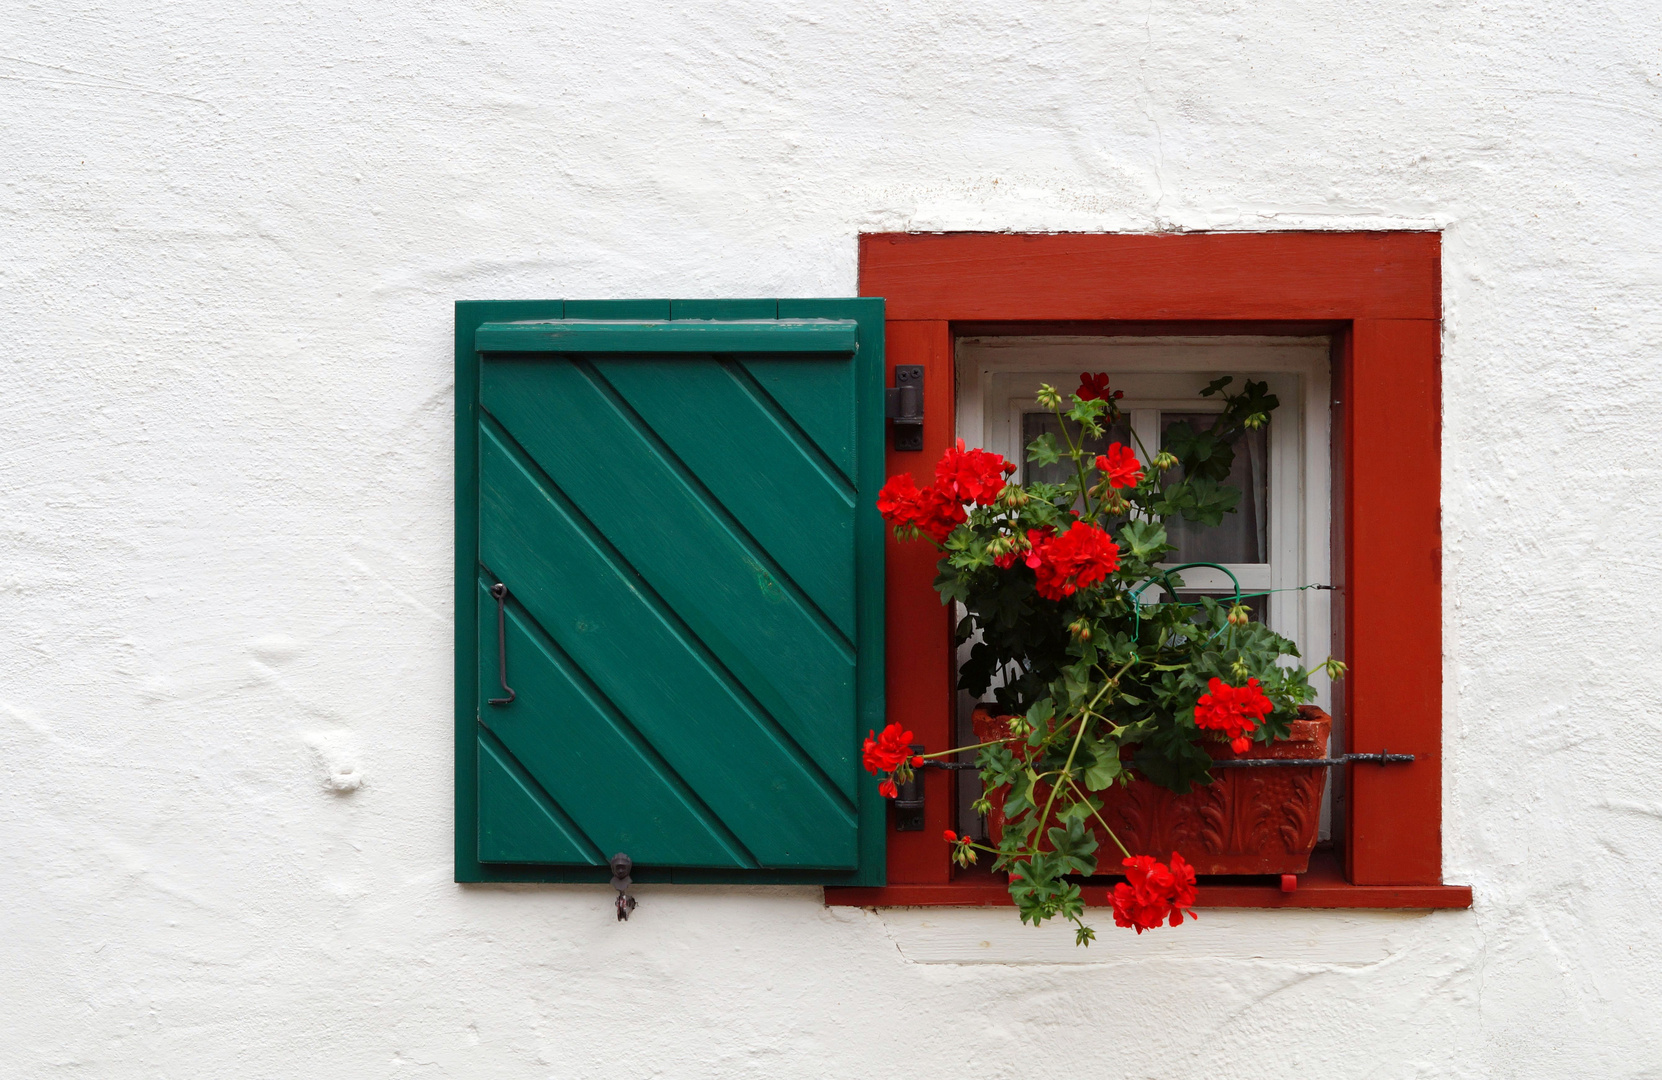 Blumenkasten mit Fenster Foto & Bild | fenster, architektur, gebäude ...